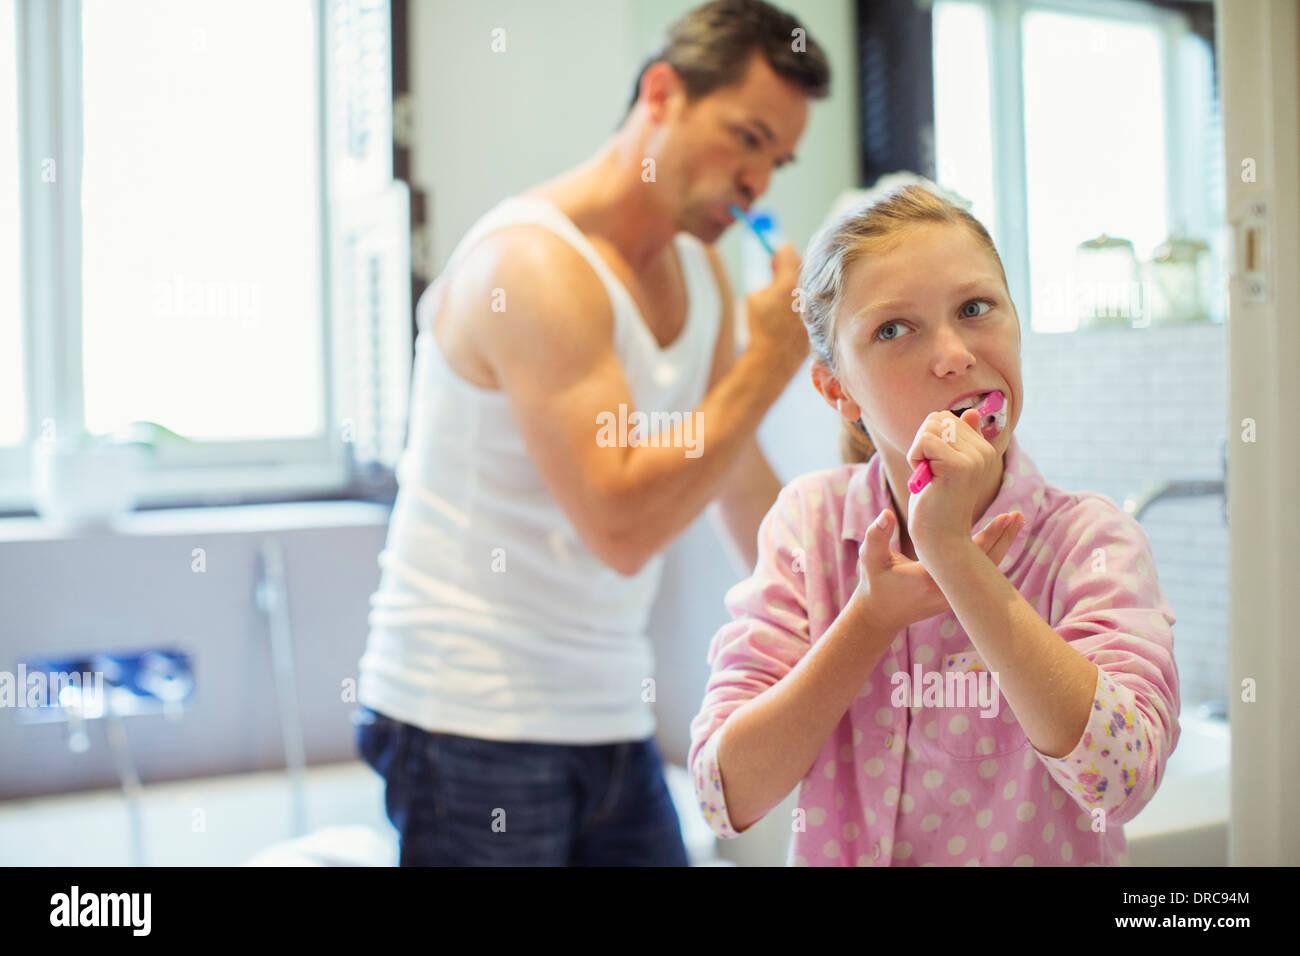 Père et fille se brosser les dents dans la salle de bains Photo Stock